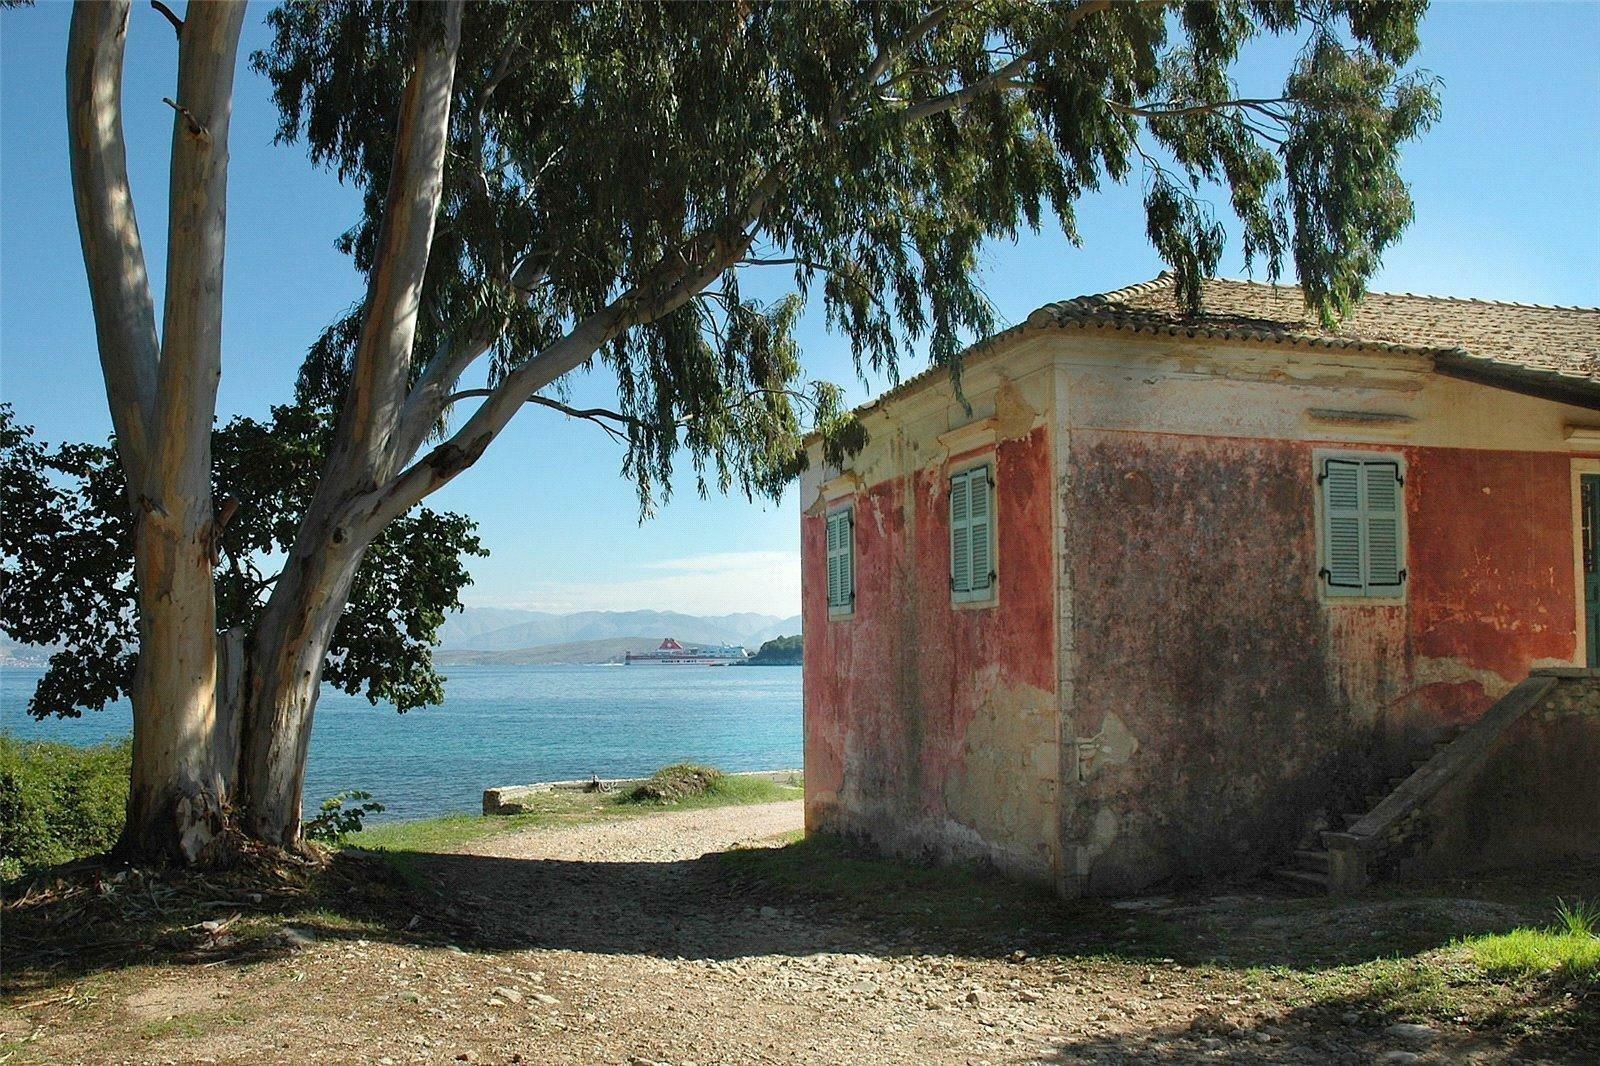 Estate in Kassiopi, Greece 1